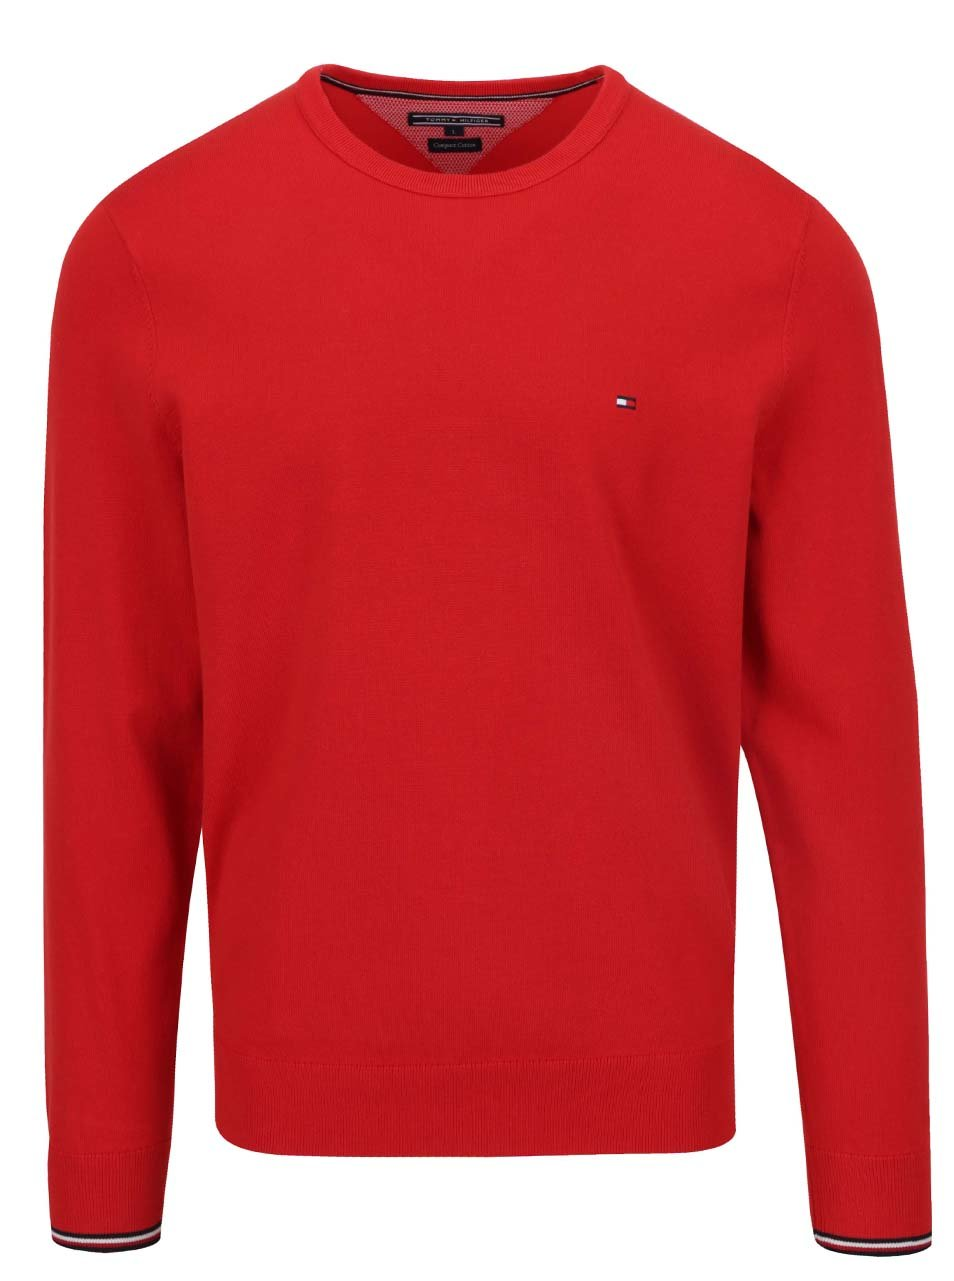 Červený pánský svetr Tommy Hilfiger ... 61914e6f2c3